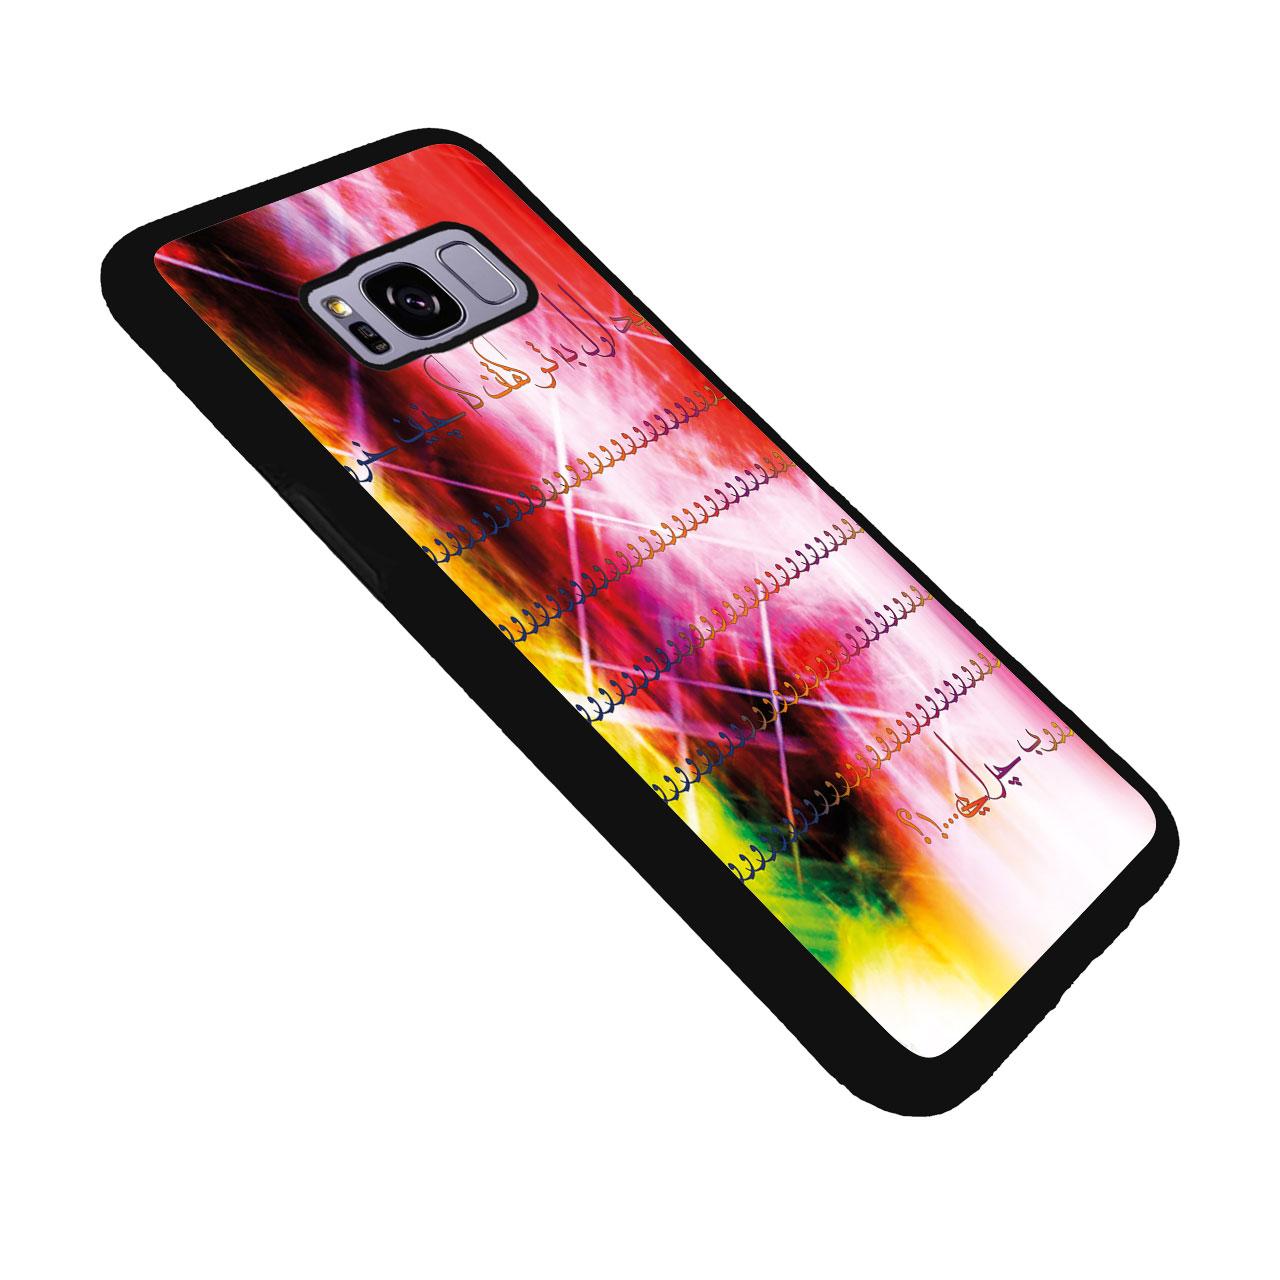 کاور زیزیپ مدل 135G - 2d مناسب برای گوشی موبایل سامسونگ galaxy s8